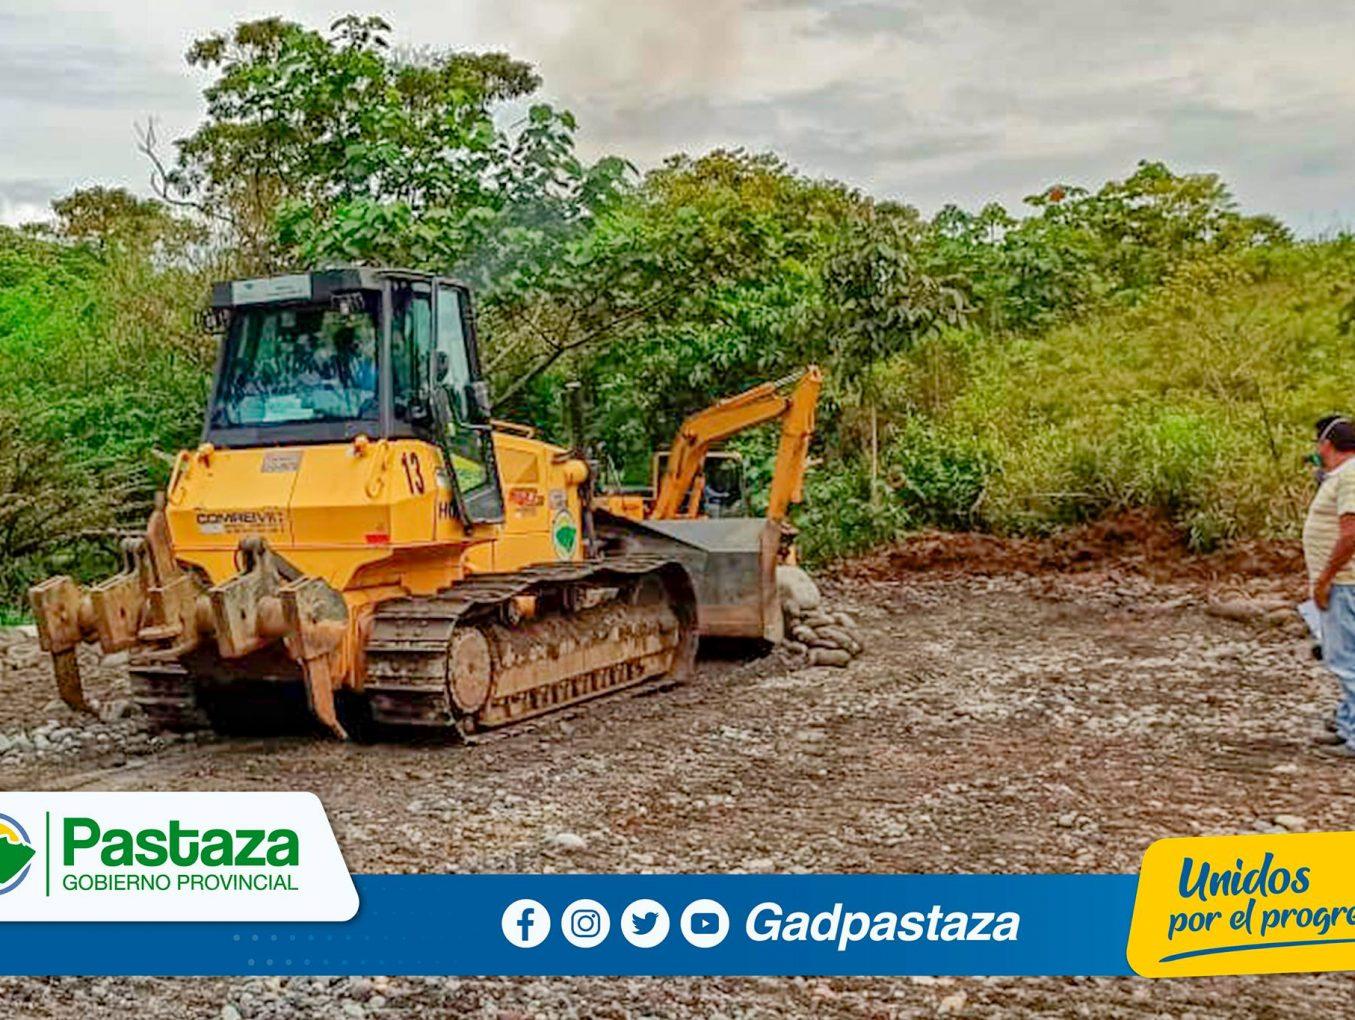 ¡Prefectura de Pastaza construye área de cuarentena de vida silvestre!